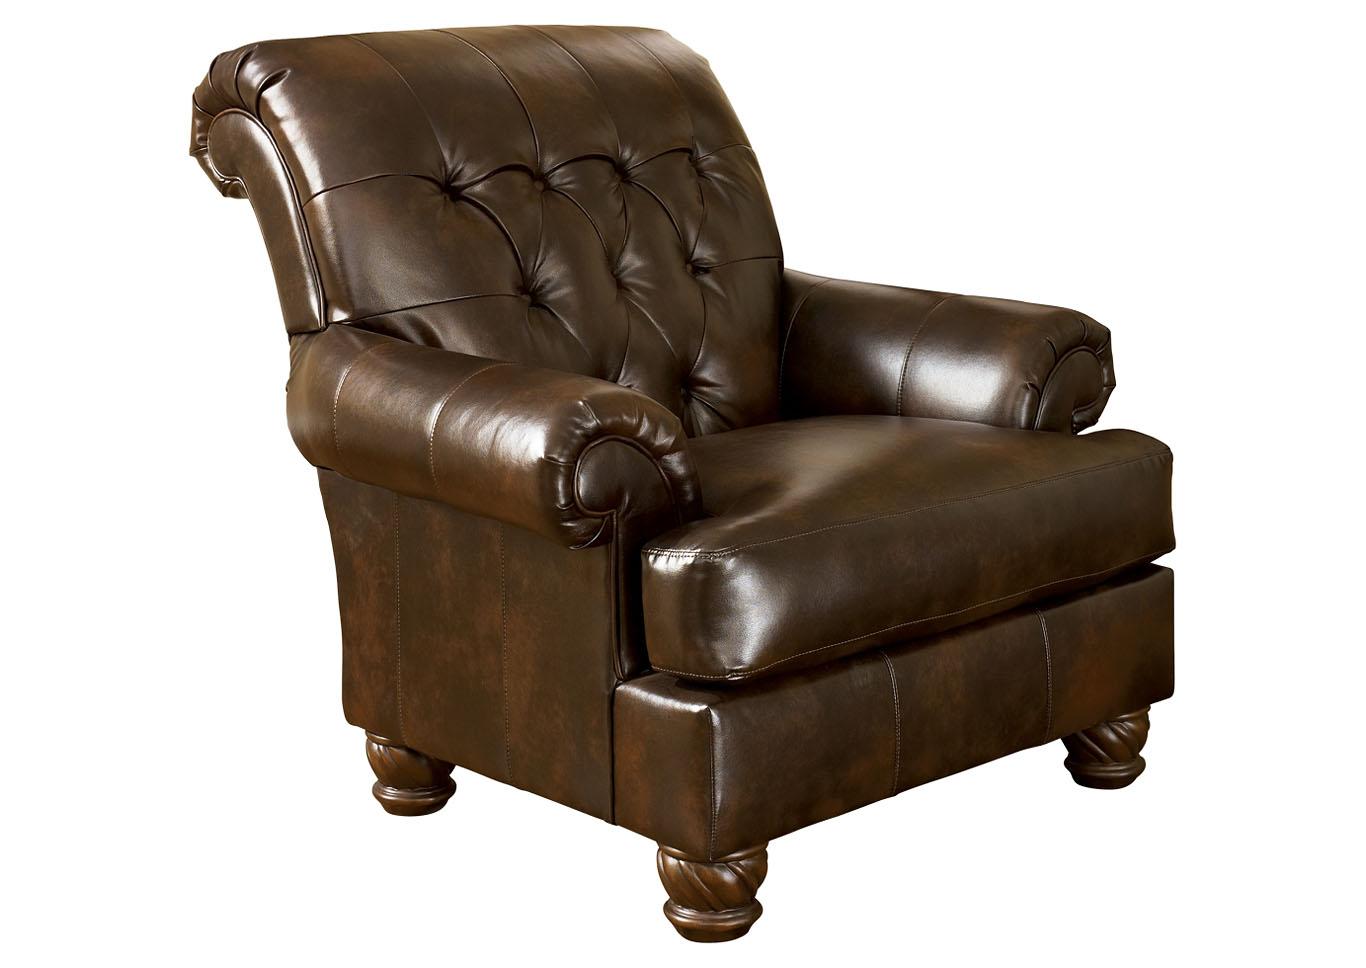 картинки в мягком кресле нужно растереть размягчённое